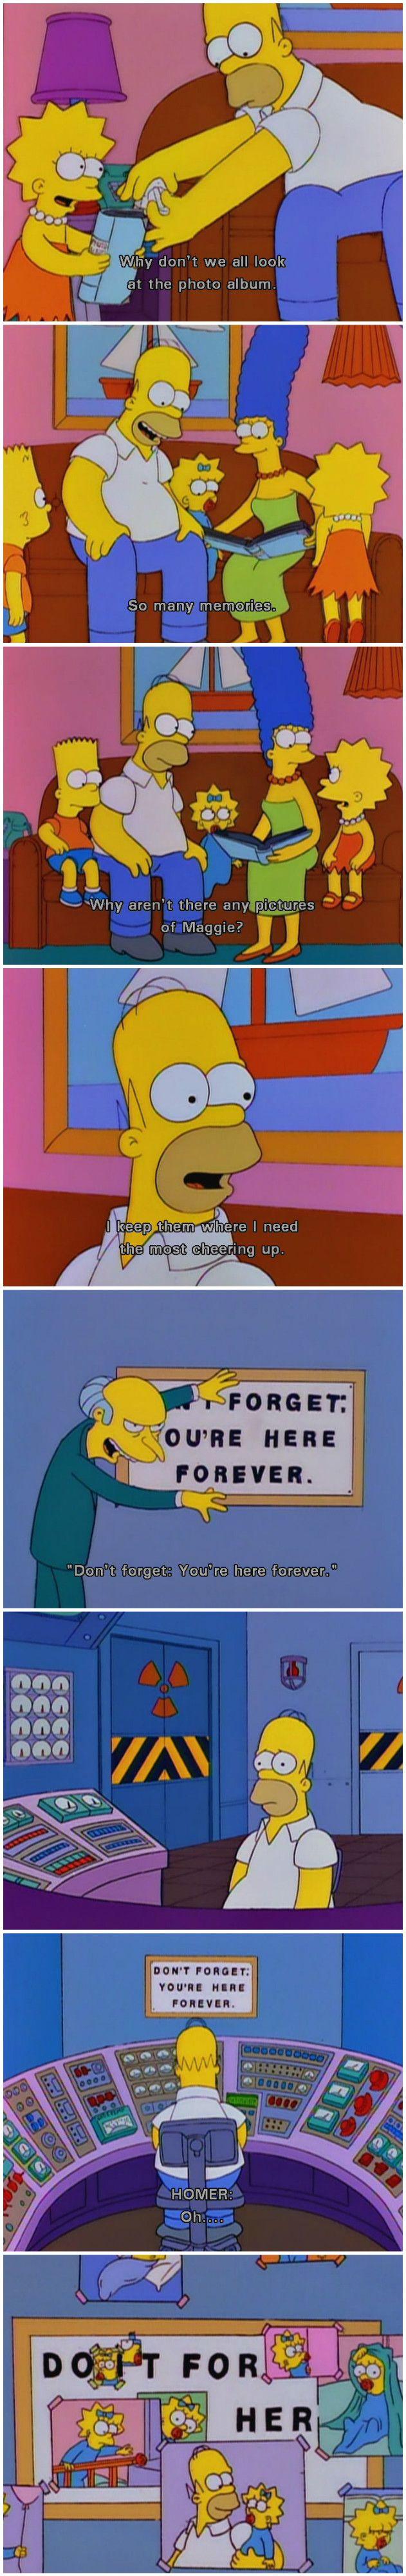 The Simpsons #scene